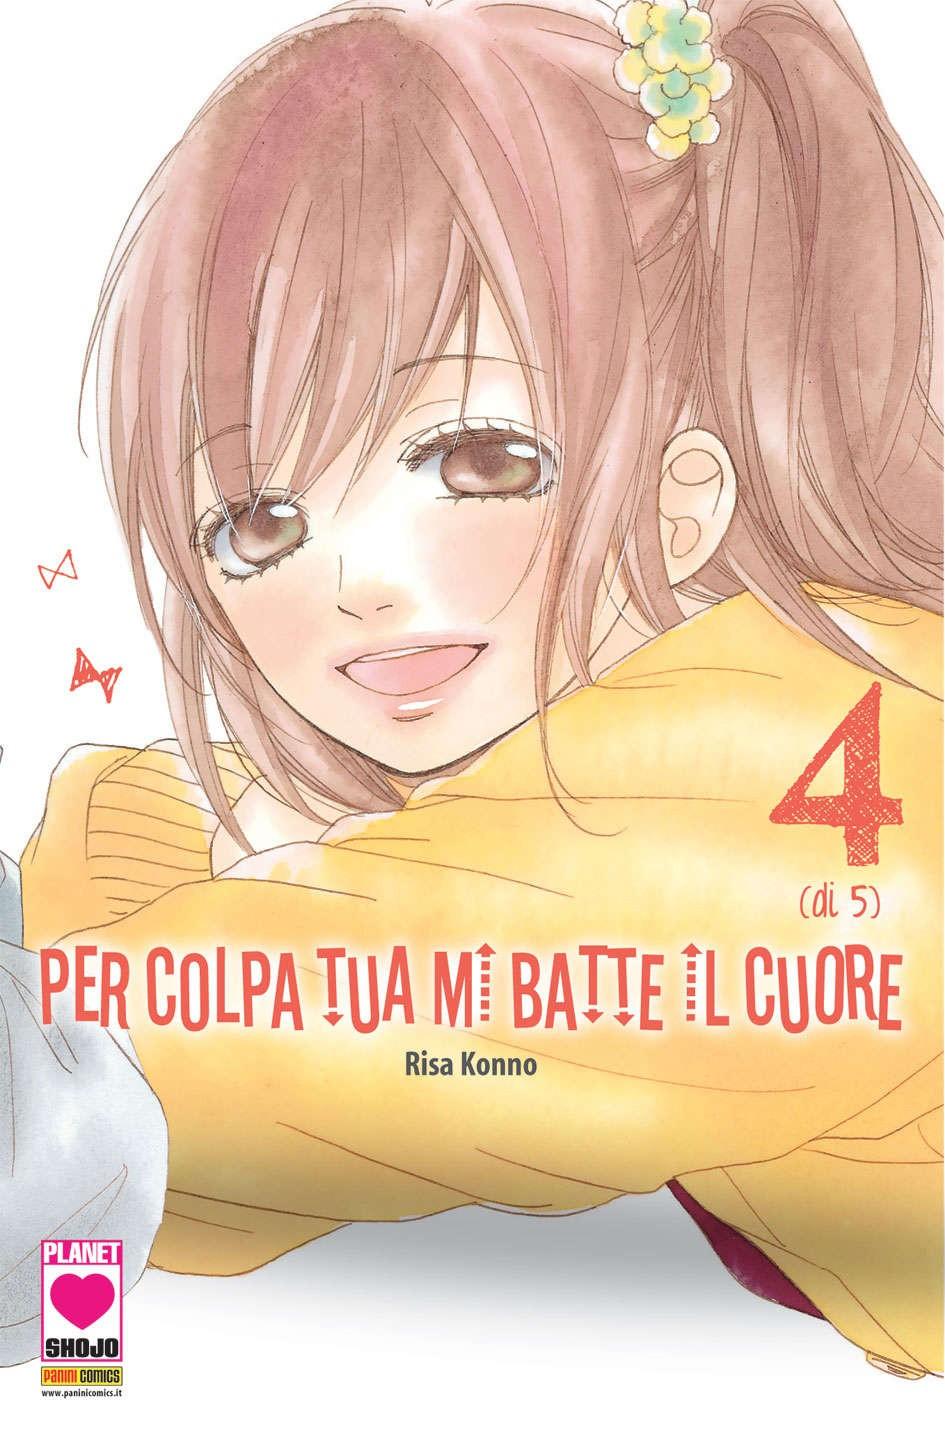 Per Colpa Tua Mi Batte Il Cuore - N° 4 - Per Colpa Tua Mi Batte Il Cuore - Manga Kiss Planet Manga